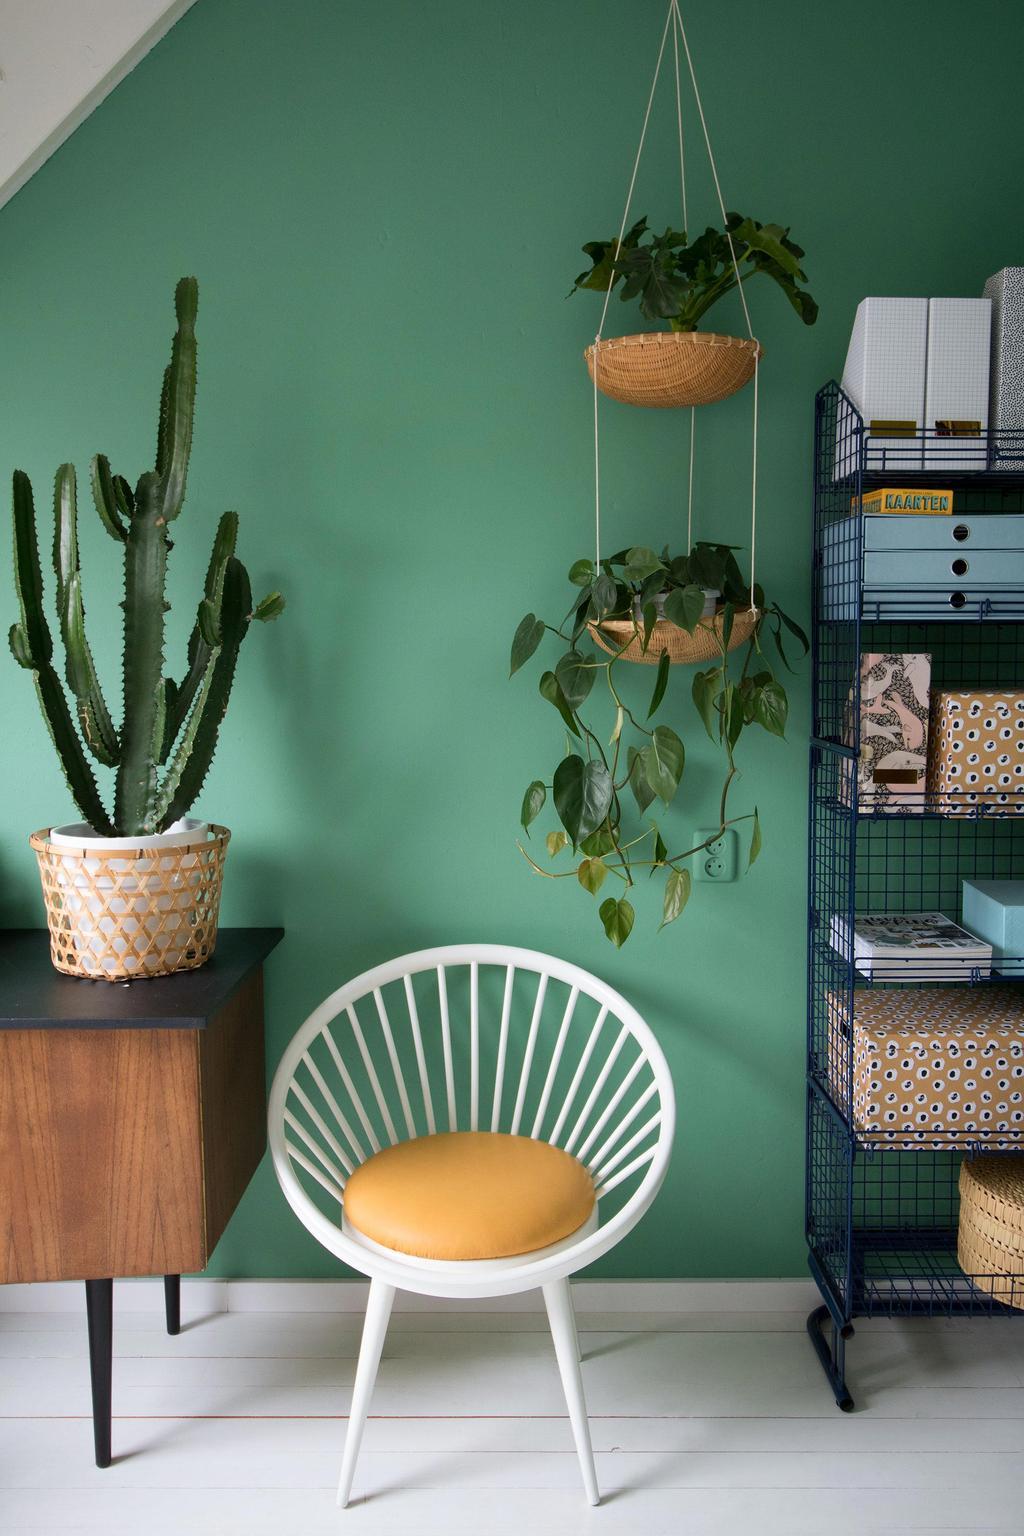 Plantenhanger voor een groene muur en met een stoel en kasten